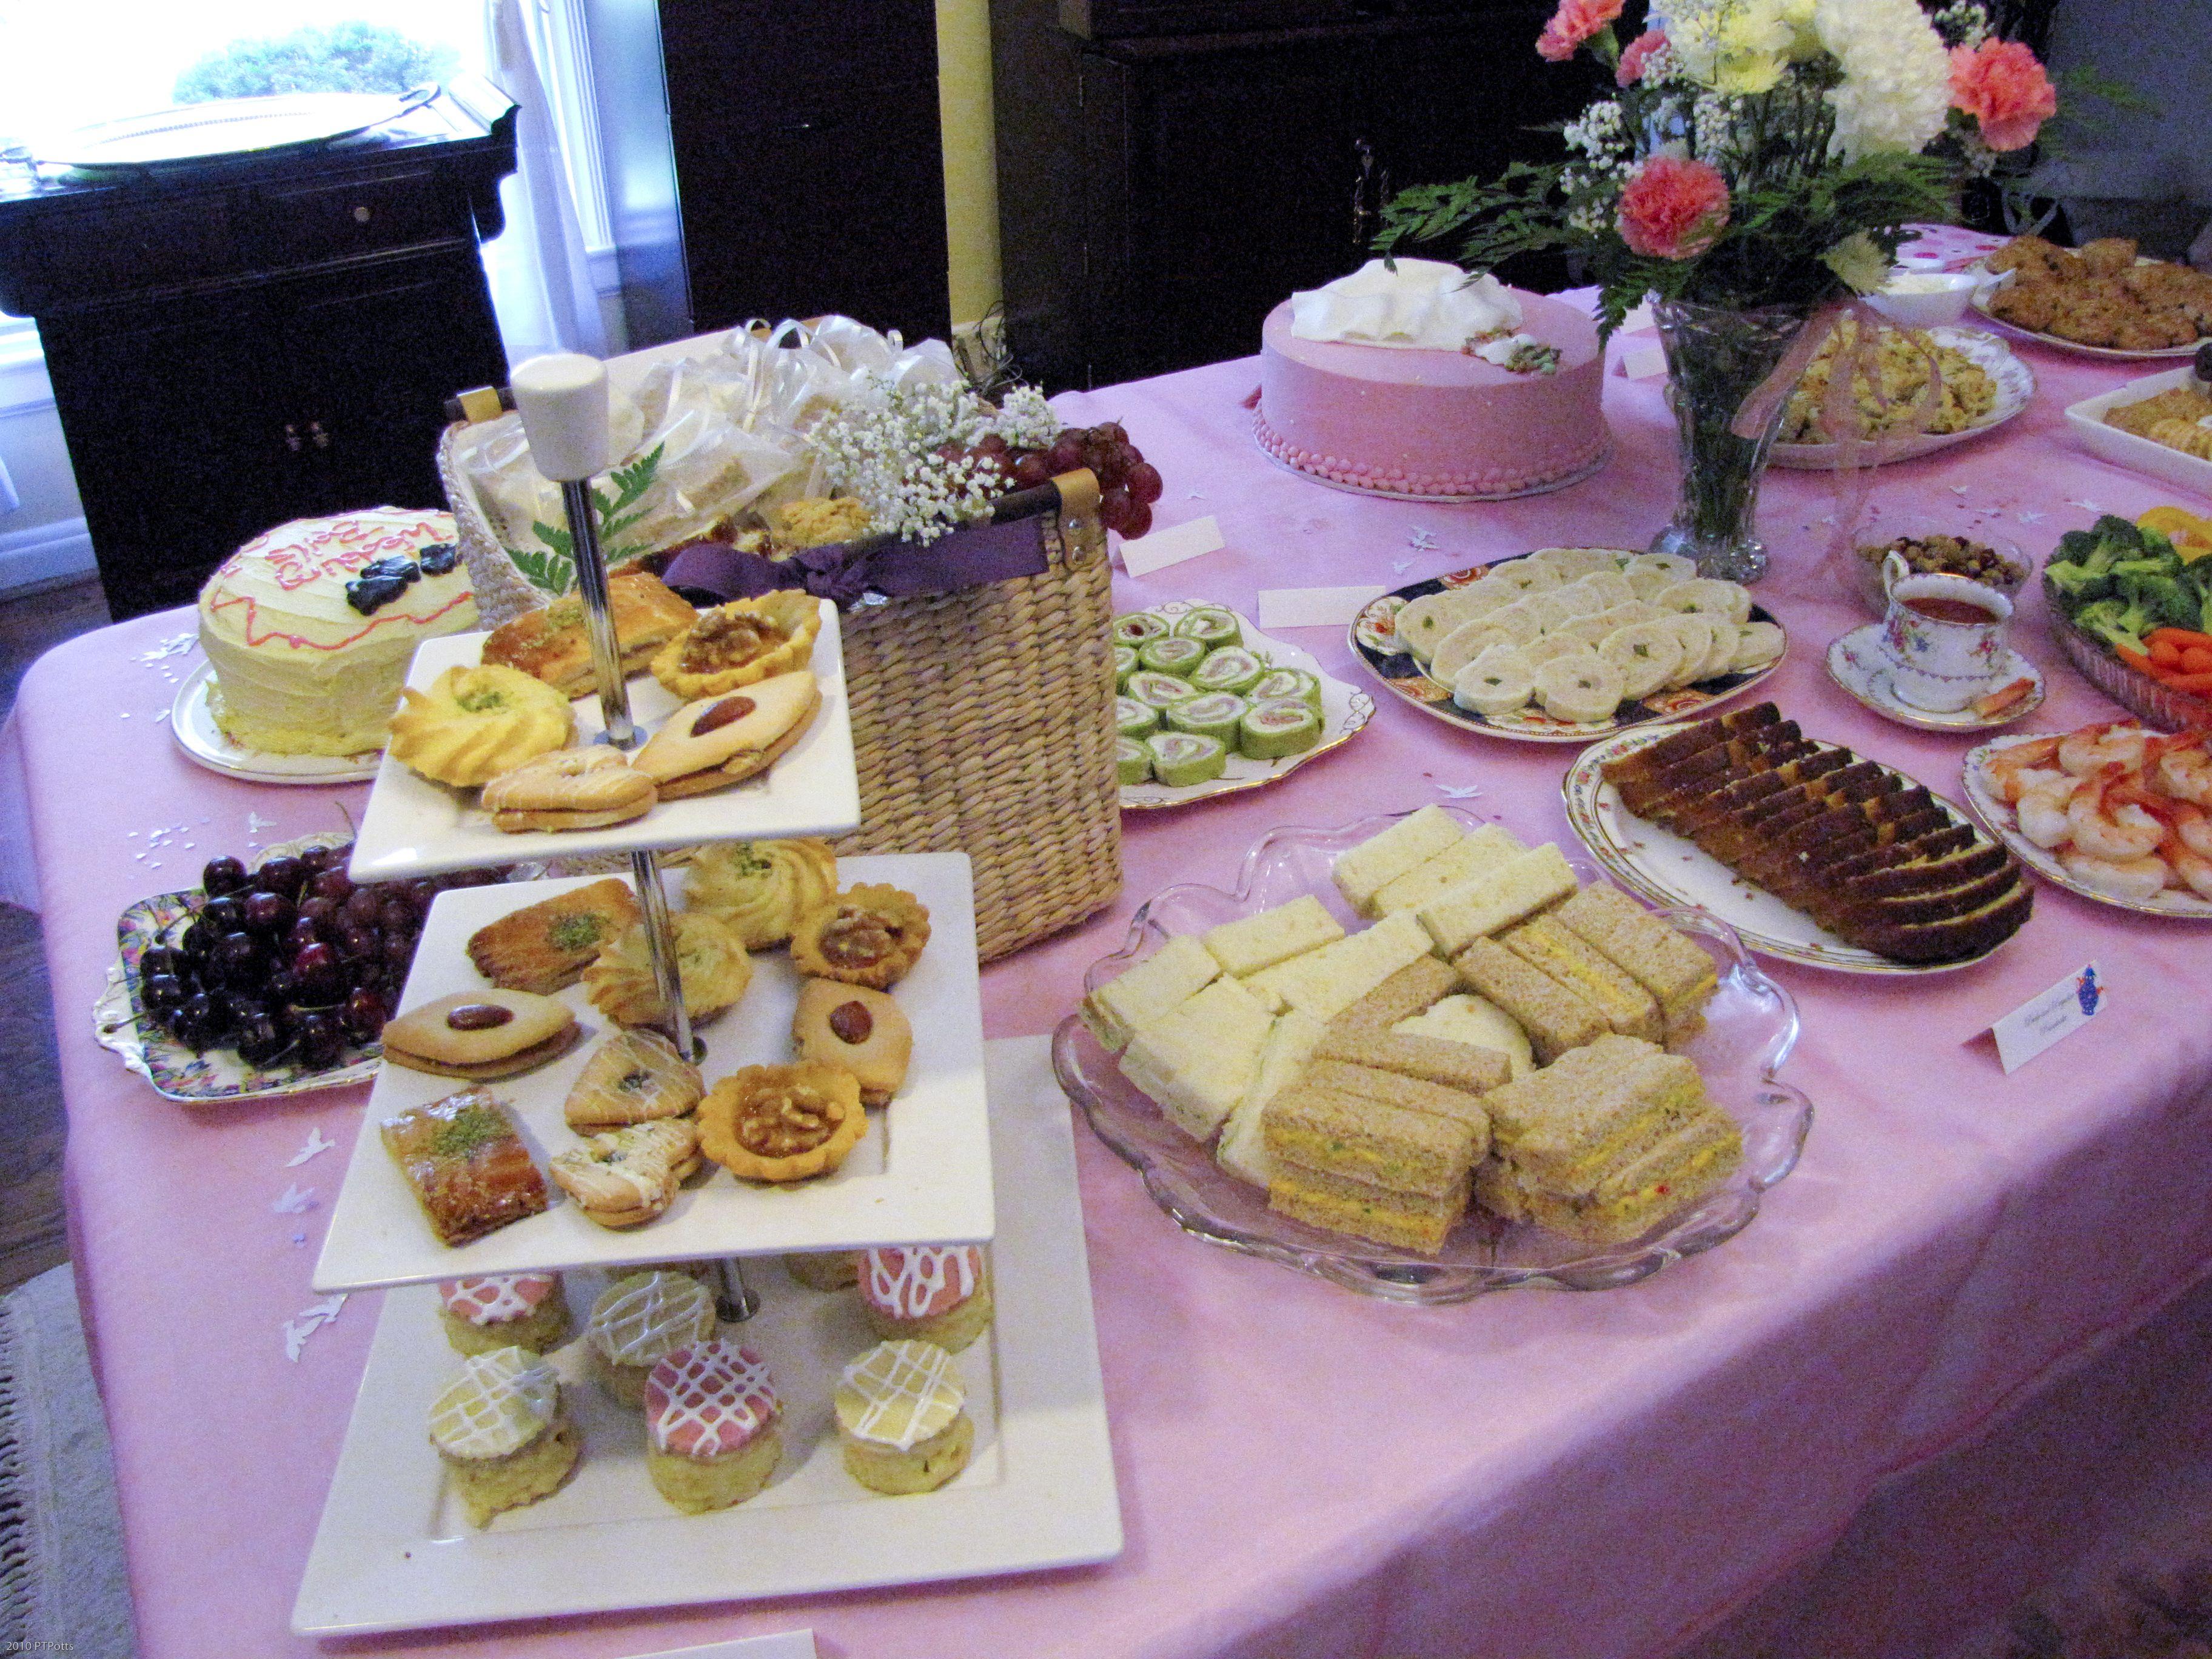 How To Host A Jane Austen Tea Party Shower PartyTea Bridal